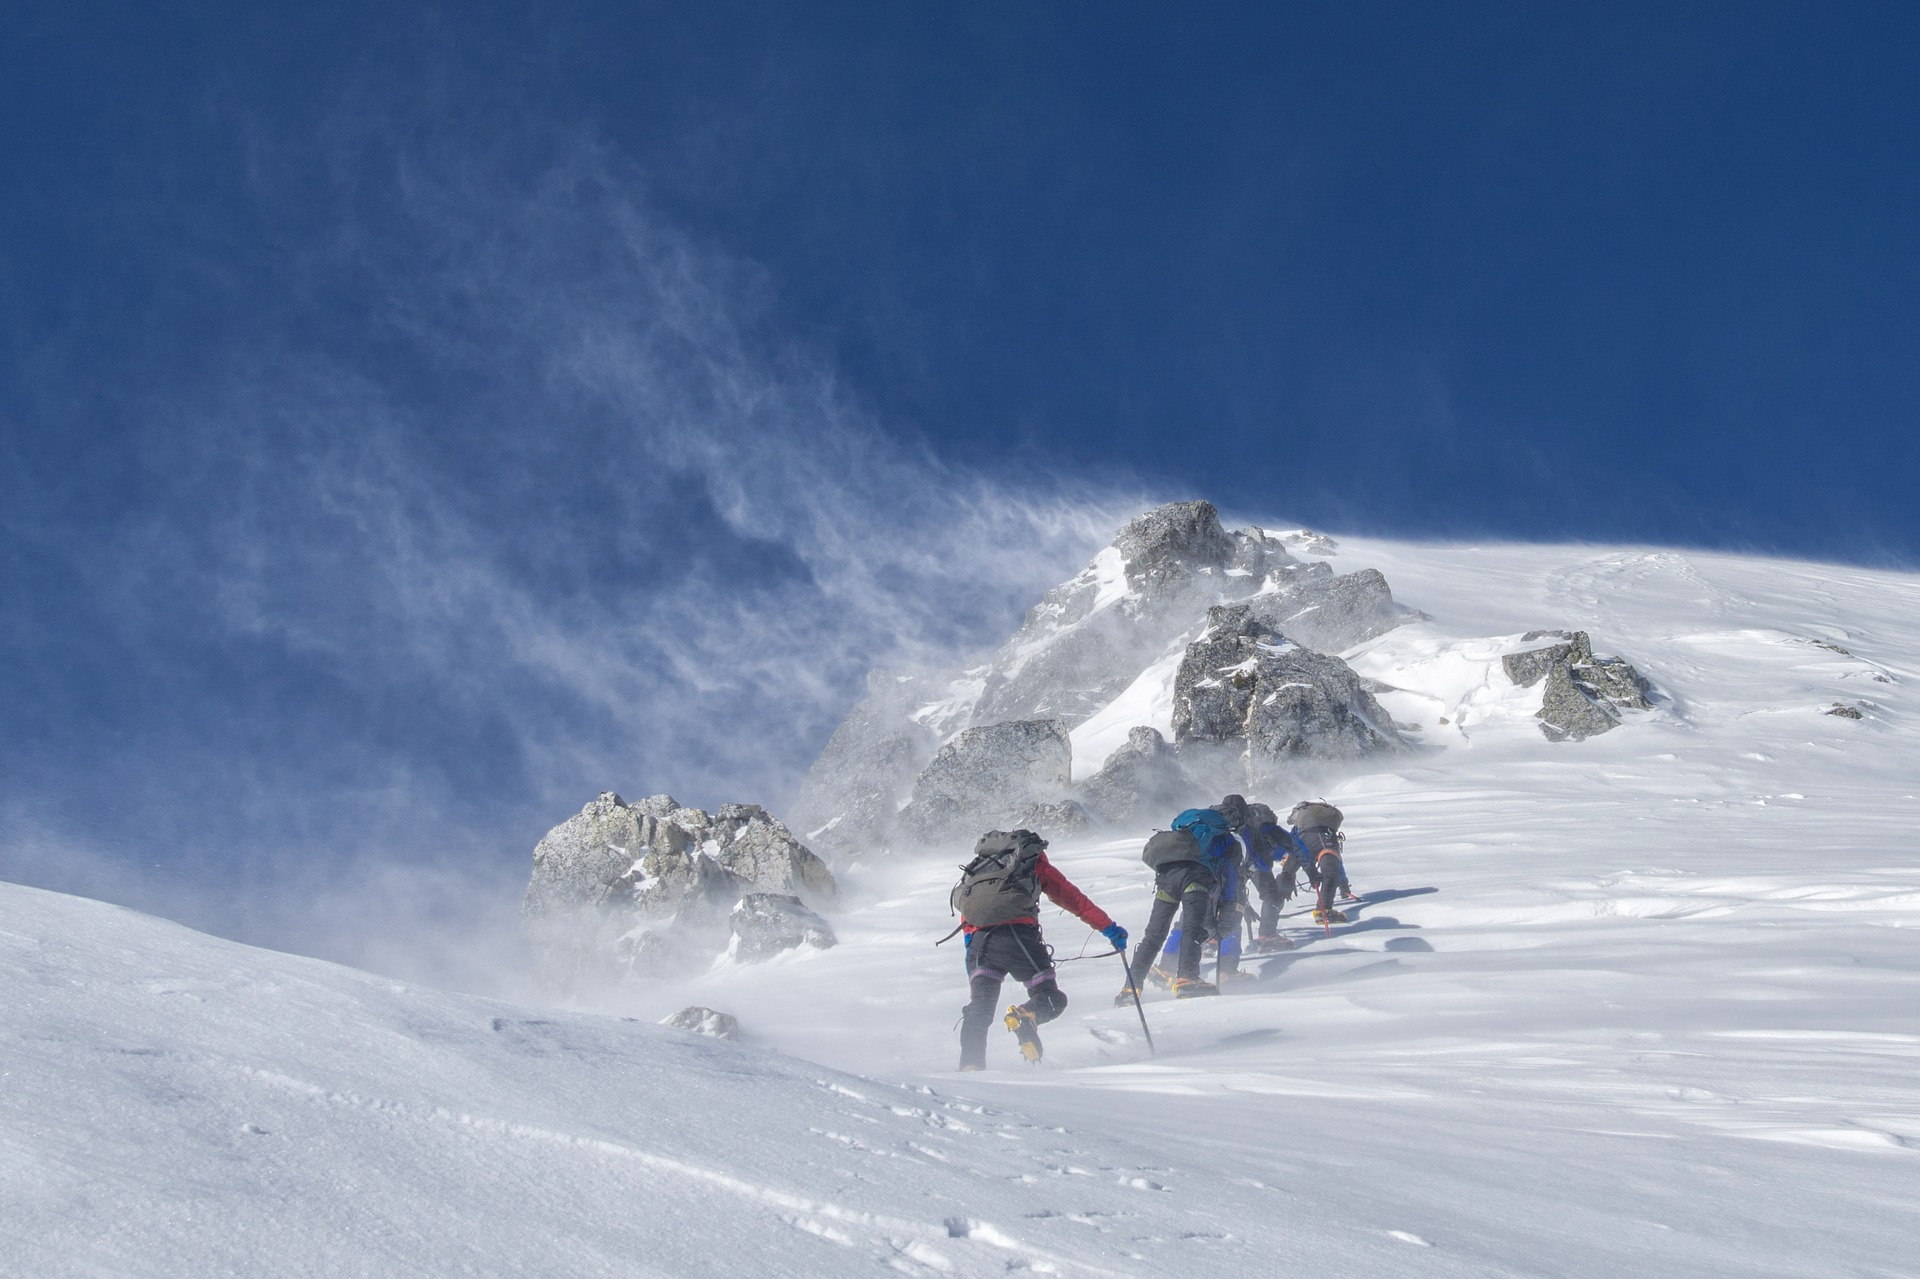 Klimatske promjene znatno povećavaju rizik za alpiniste – DAV